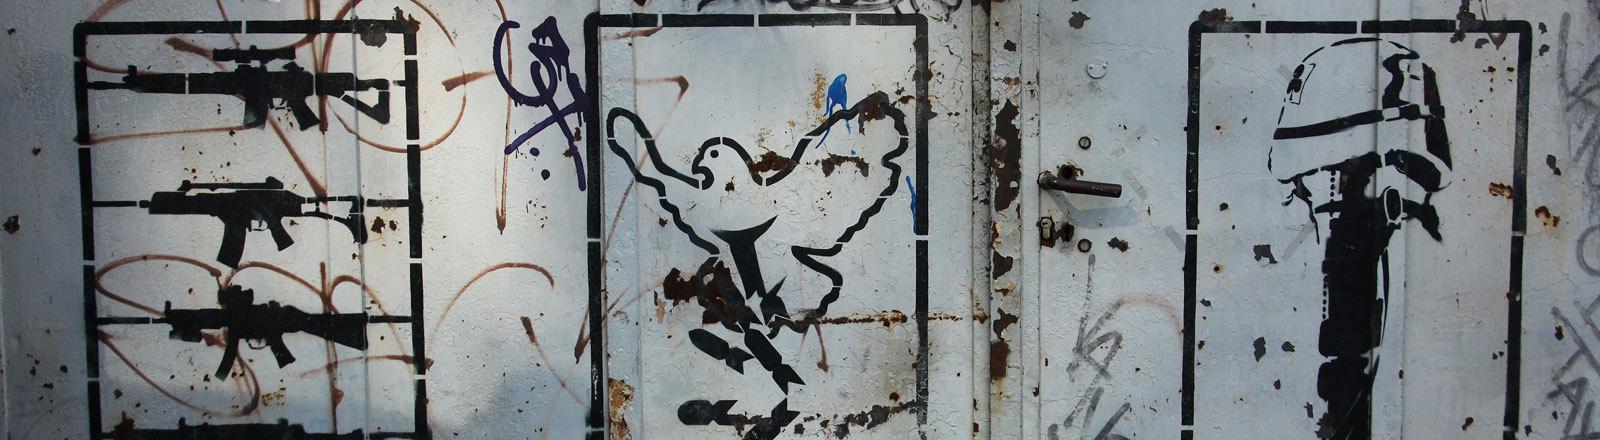 Motive des Berliner Street-Art-Künstlers Emess zum Thema Krieg und Frieden auf einer alten Eisentür auf einer Industriebrache, aufgenommen in Berlin im Bezirk Kreuzberg am 03.04.2014. Berlin ist ein Zentrum für Street Art, das Künstler aus dem In- und Ausland anzieht.